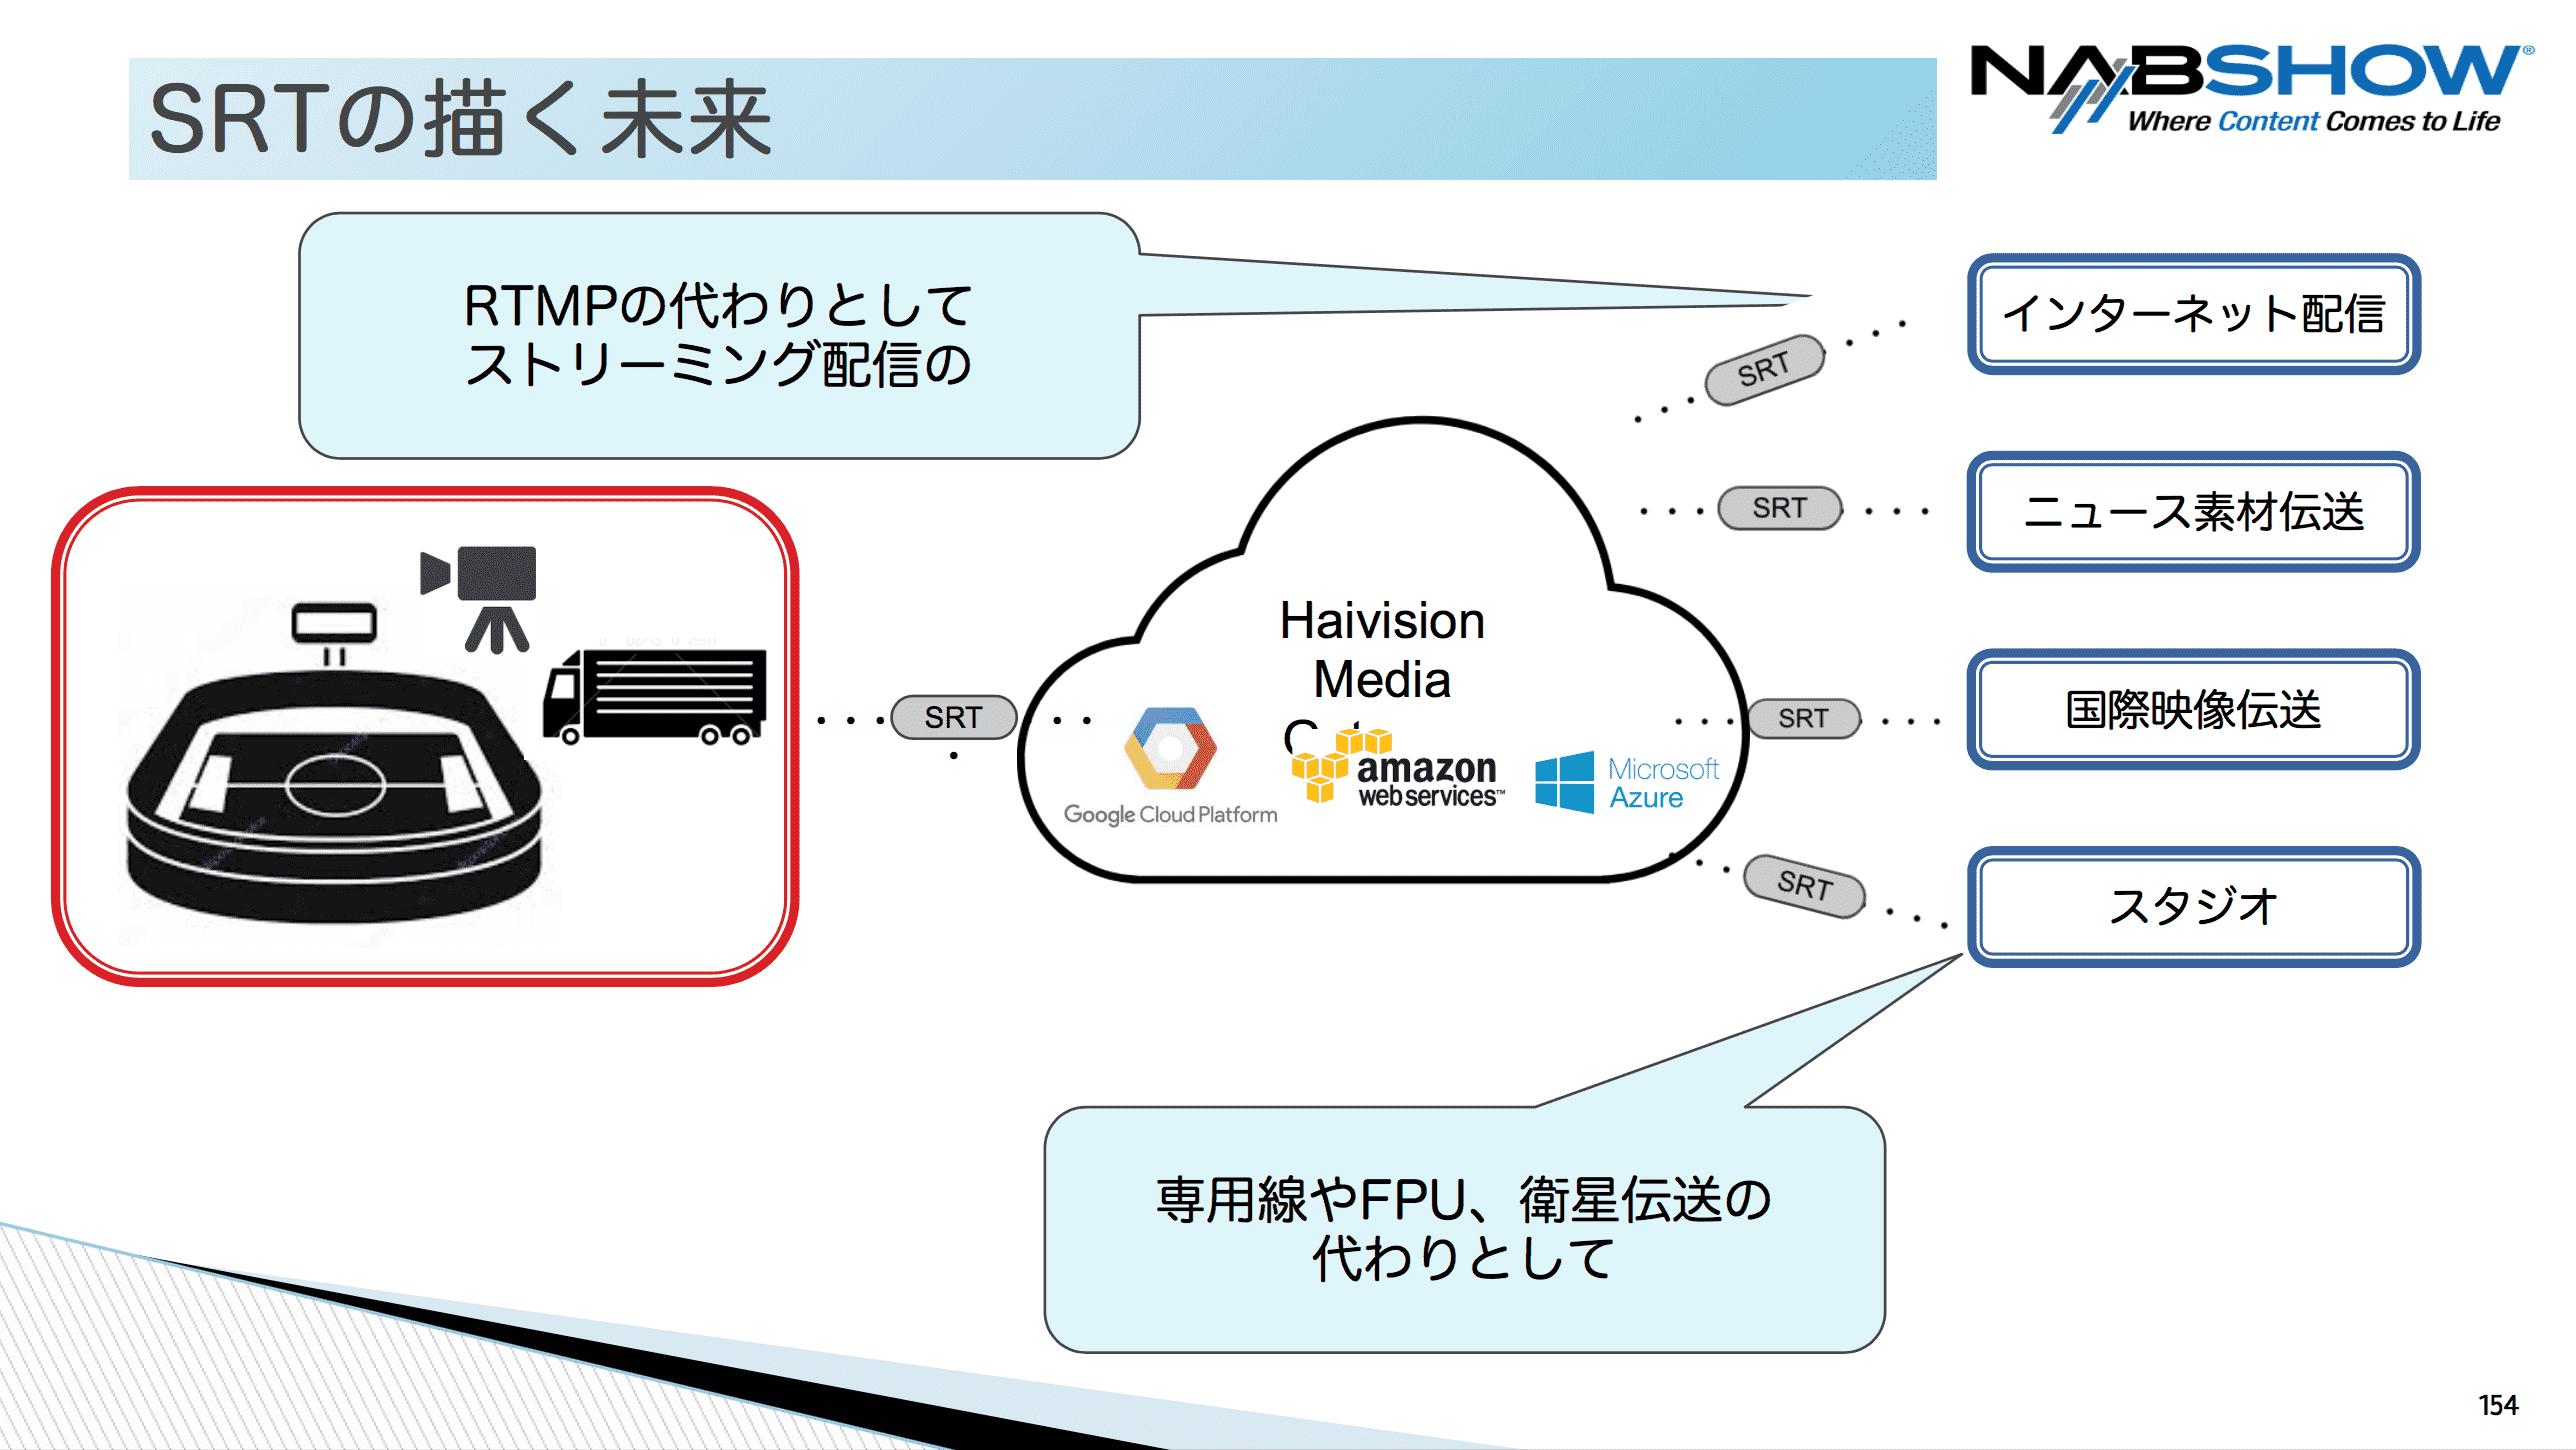 想定される SRT の利用例を図示したスライド